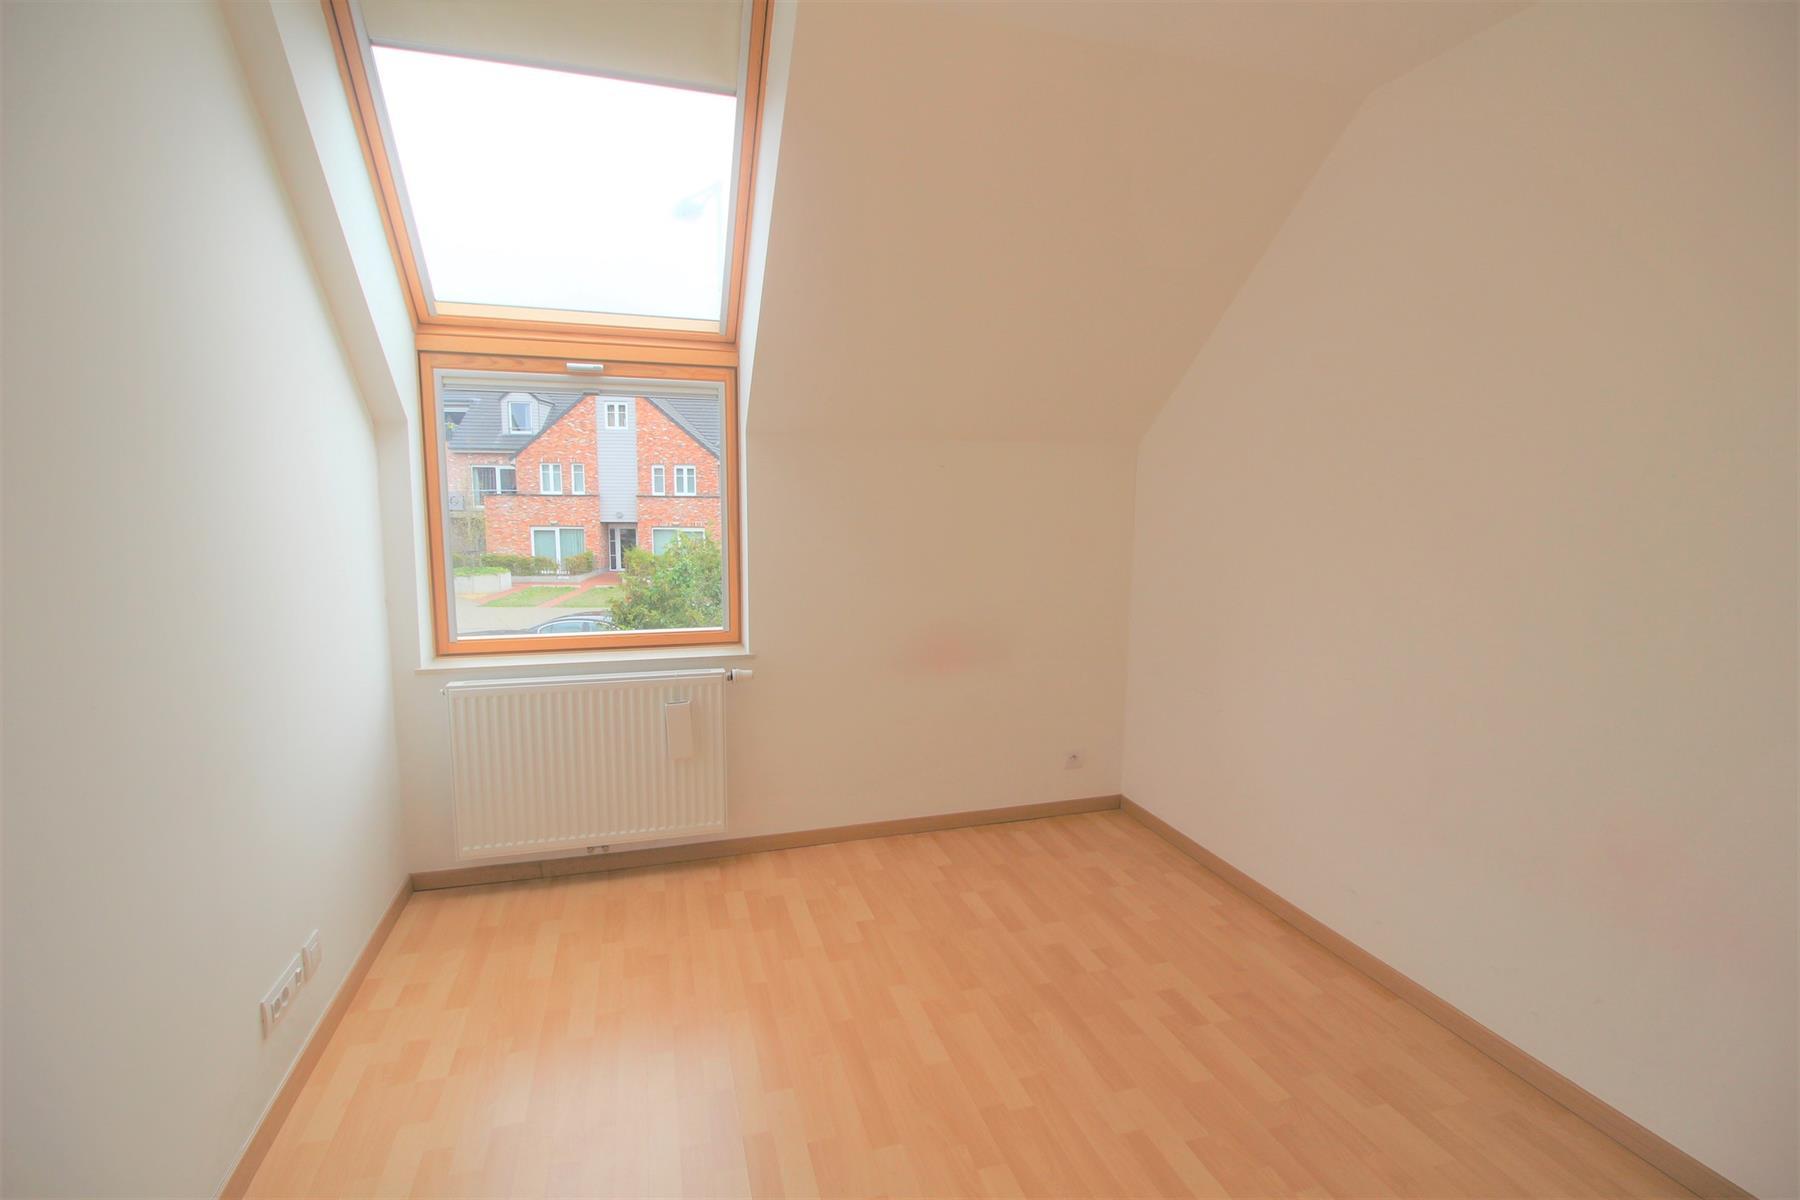 Appartement - Grez-Doiceau - #4163133-7